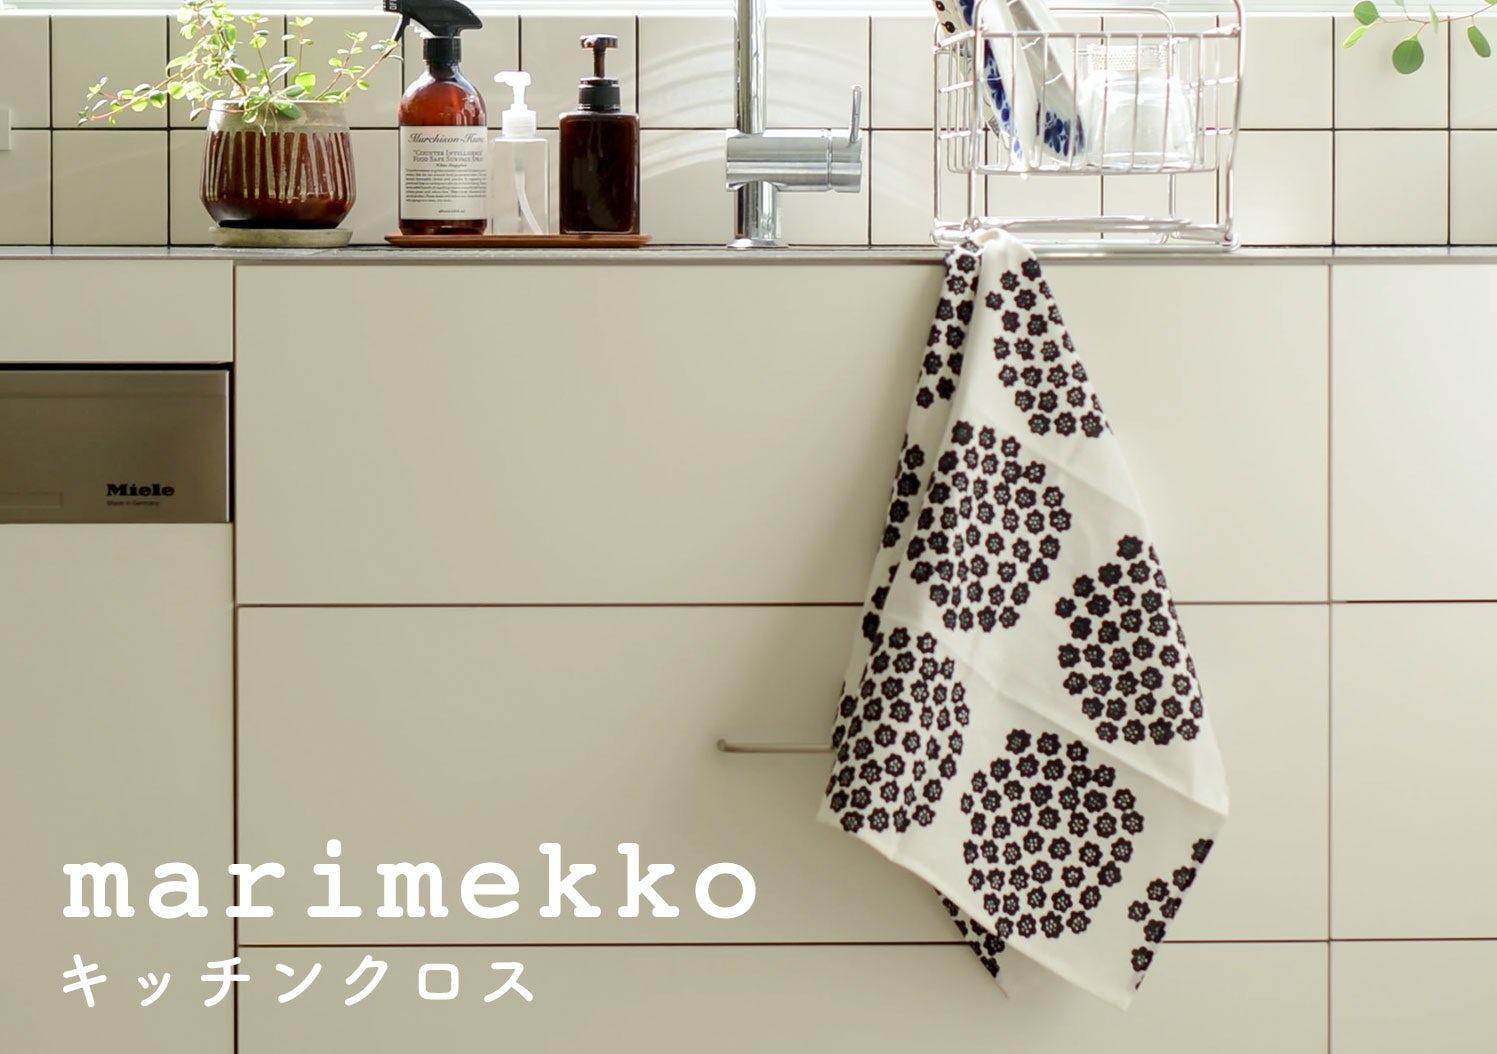 marimekko / マリメッコ / PUKETTI / キッチンクロスの画像